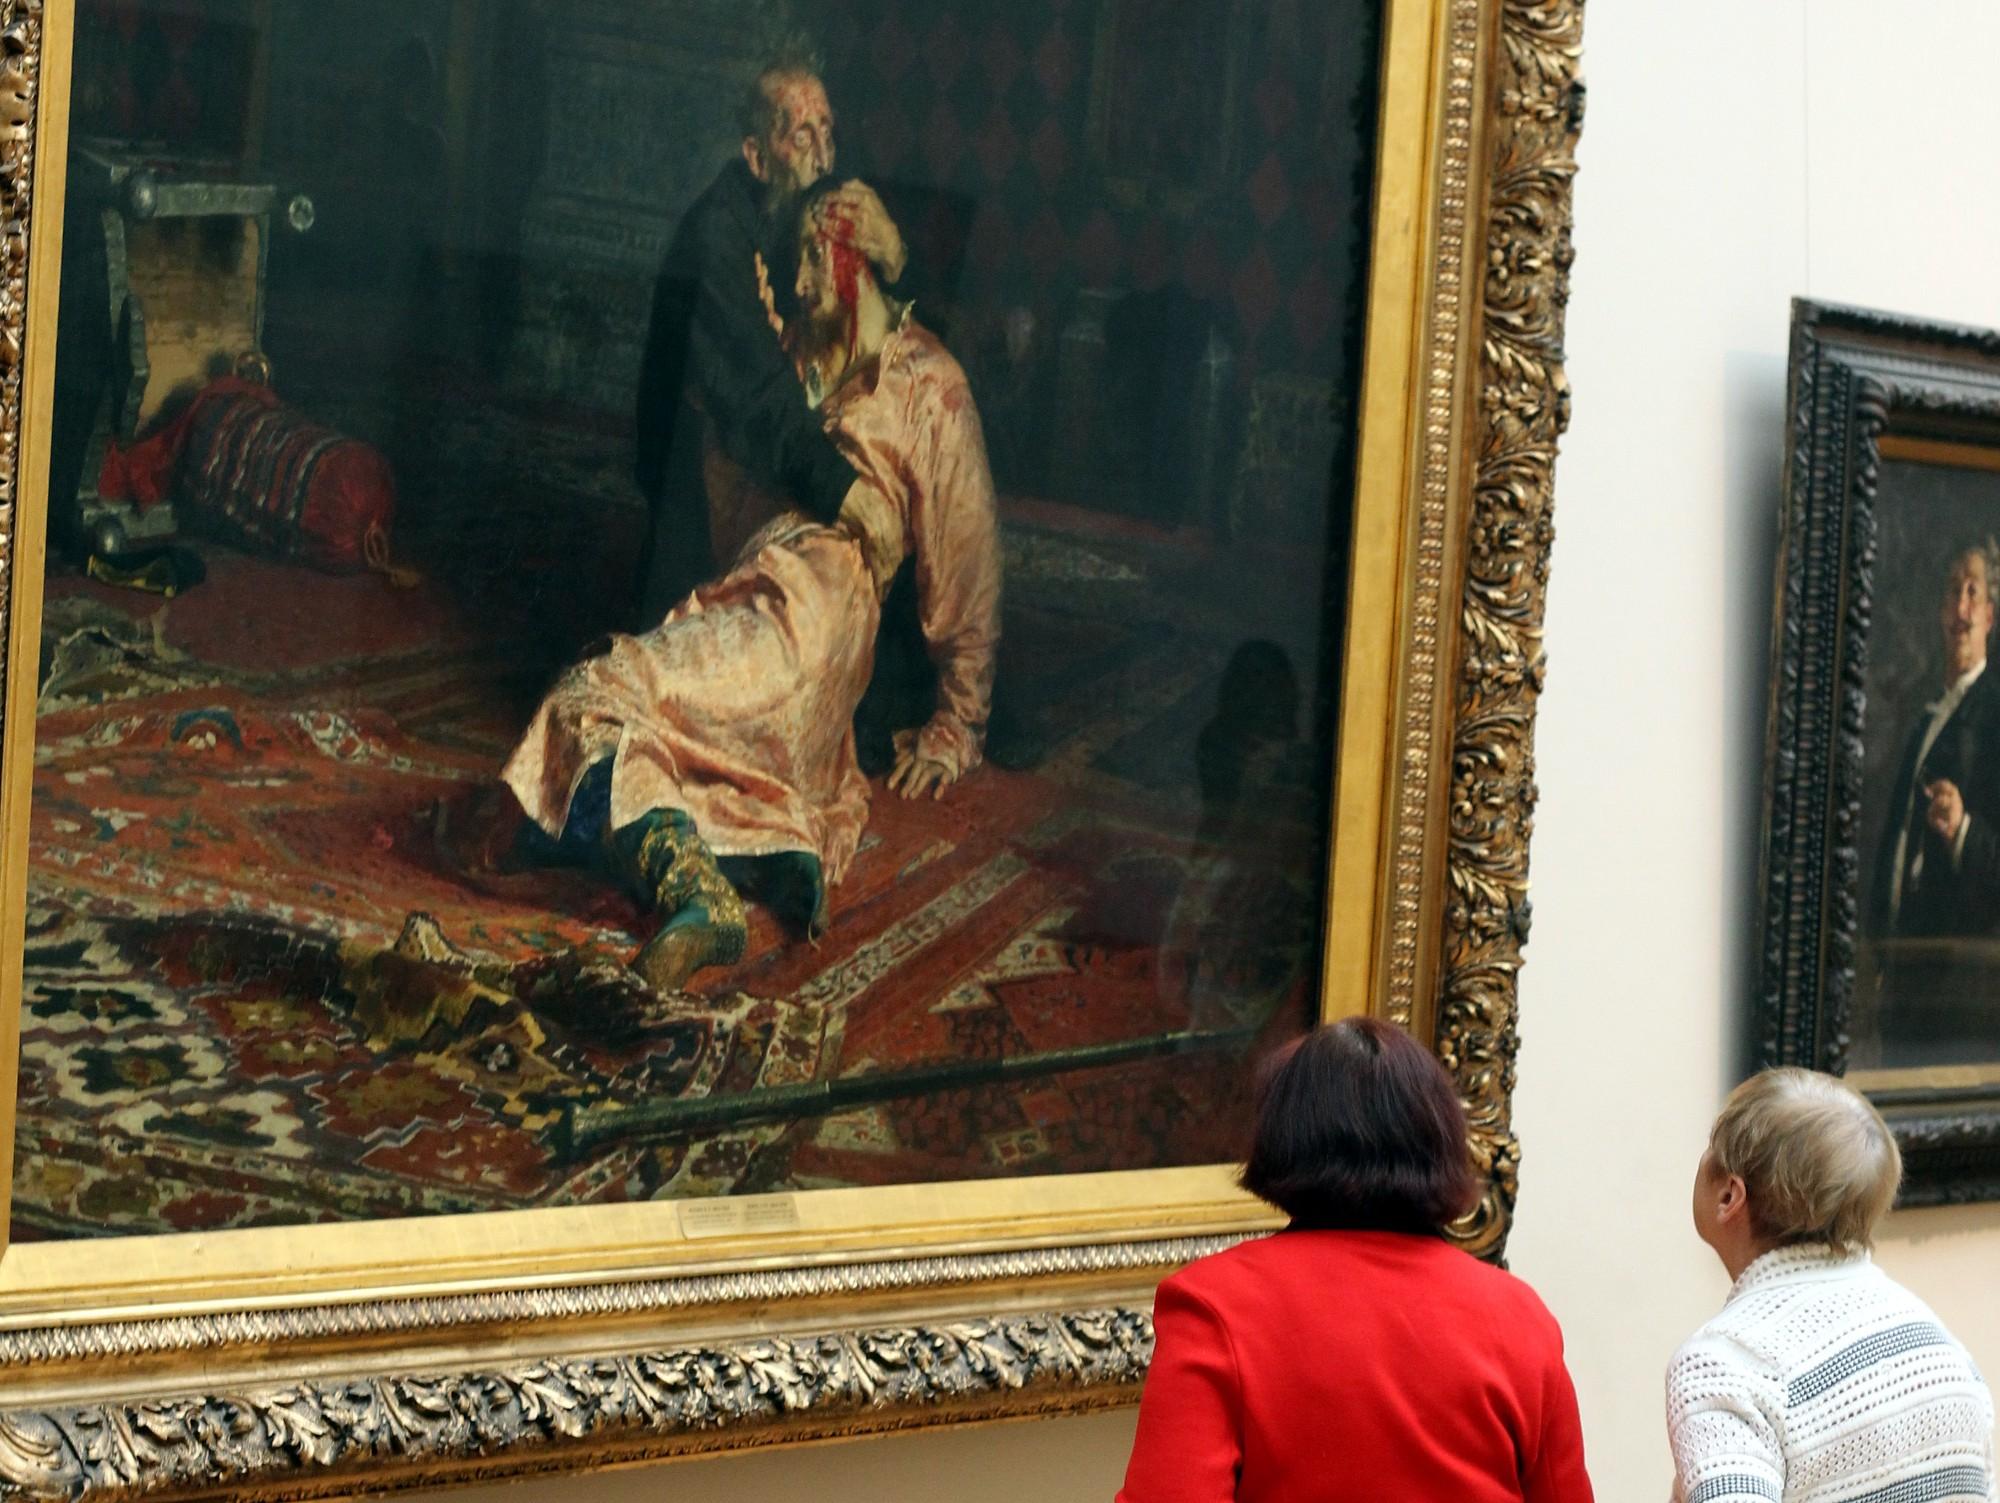 Вандал повредил в Третьяковской галерее драгоценную картину Репина